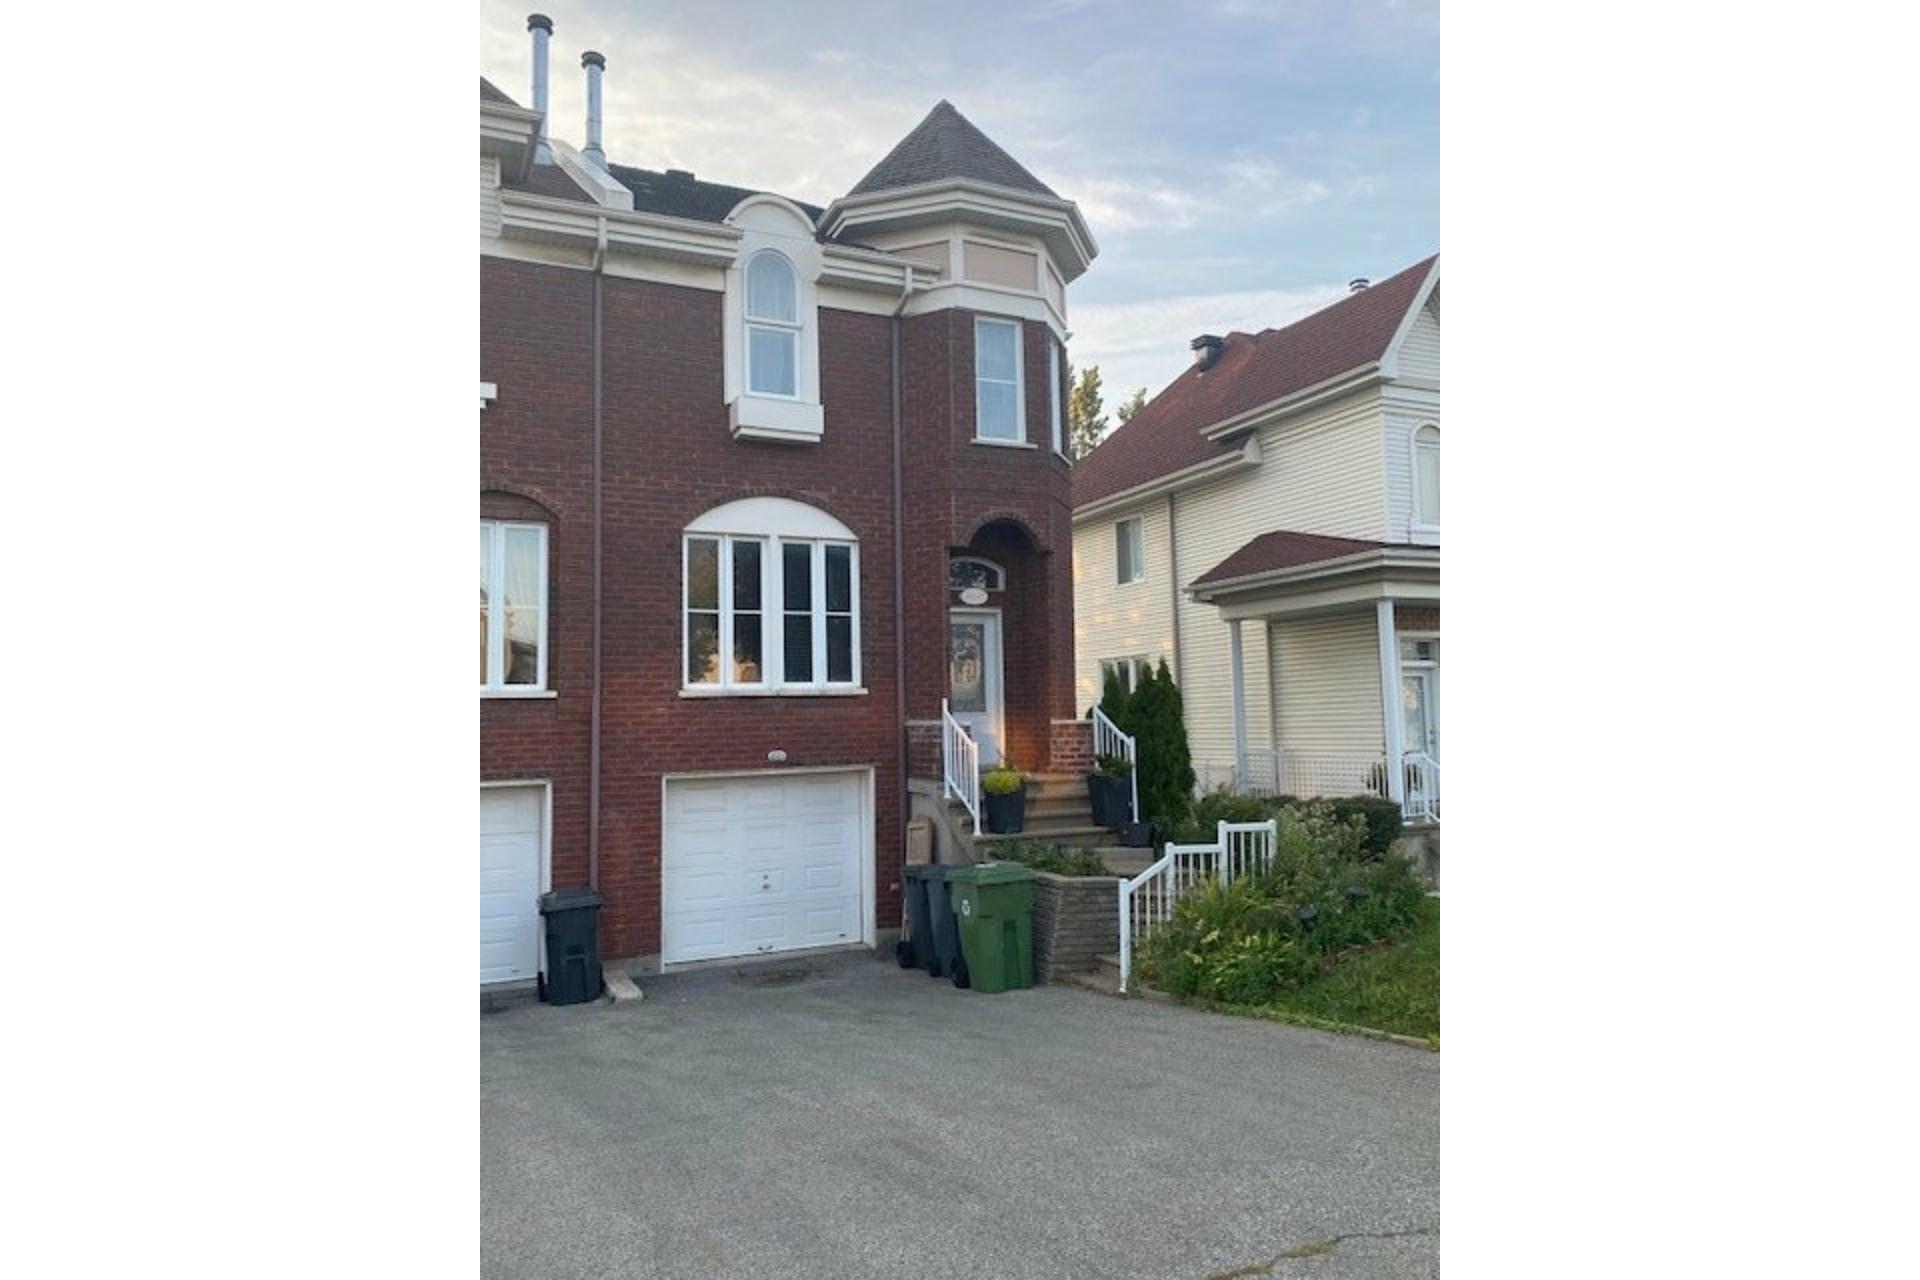 image 10 - Maison À vendre Rivière-des-Prairies/Pointe-aux-Trembles Montréal  - 12 pièces